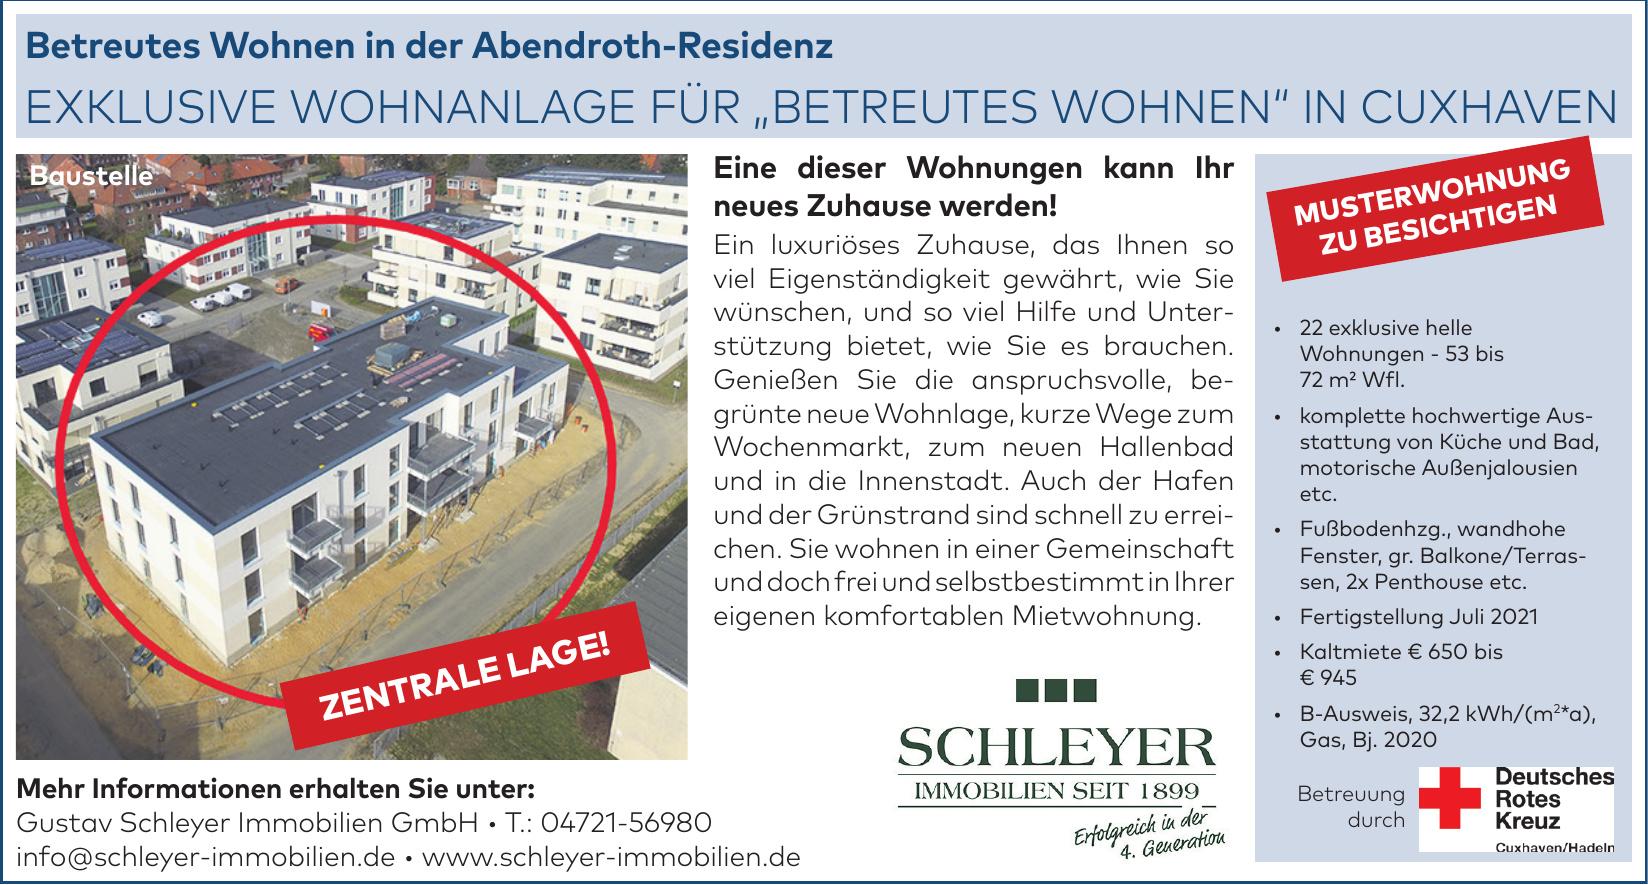 Gustav Schleyer Immobilien GmbH